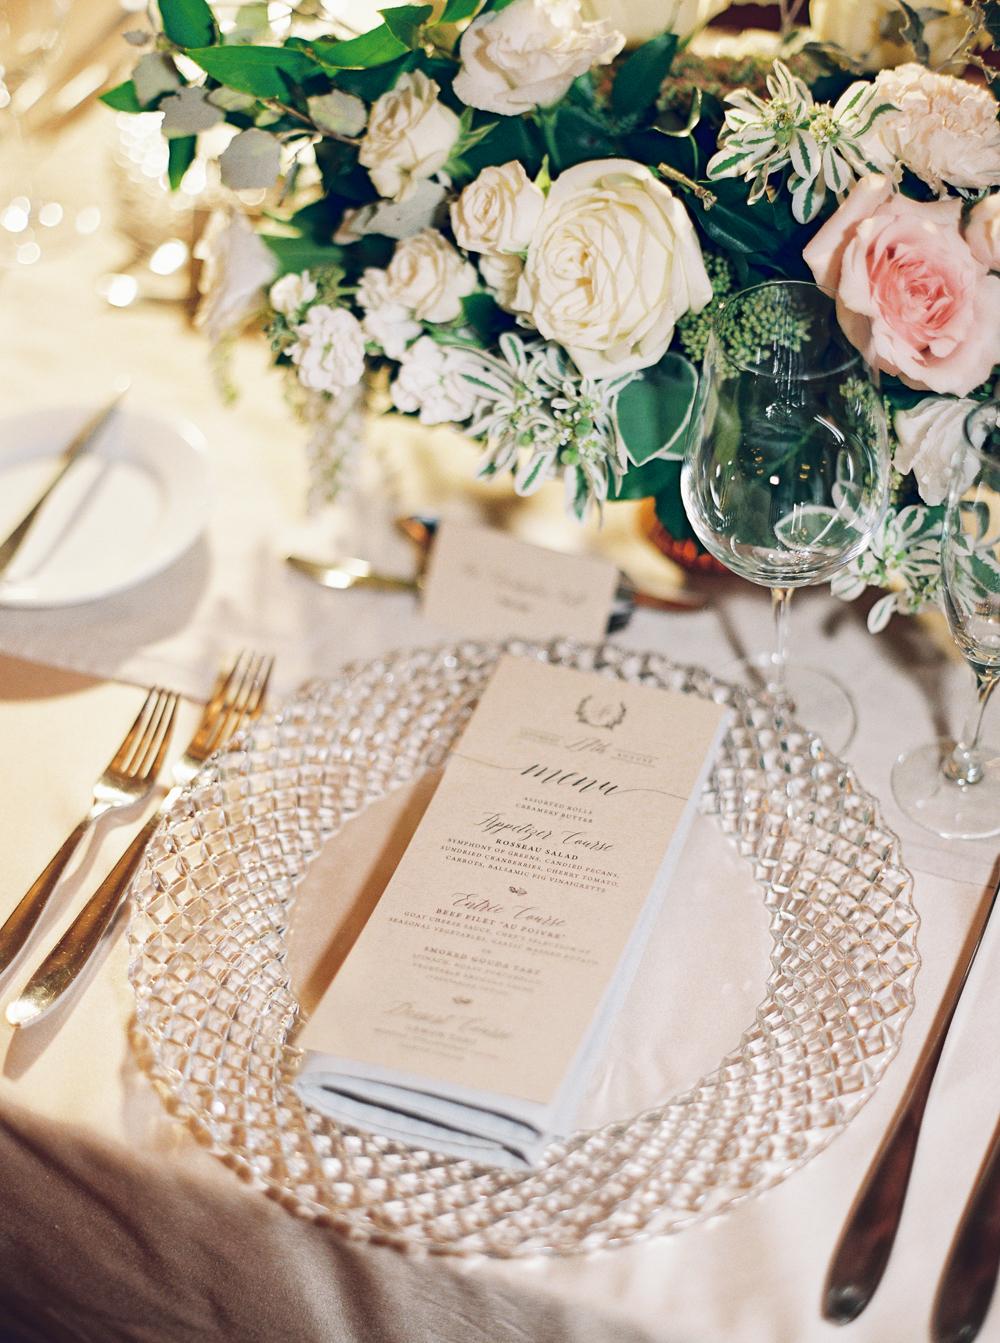 0050-When-He-Found-Her-Muskoka-JW Marriott-The Rosseau-shea-events-sweet-woodruff-canadian-resort-wedding.jpg